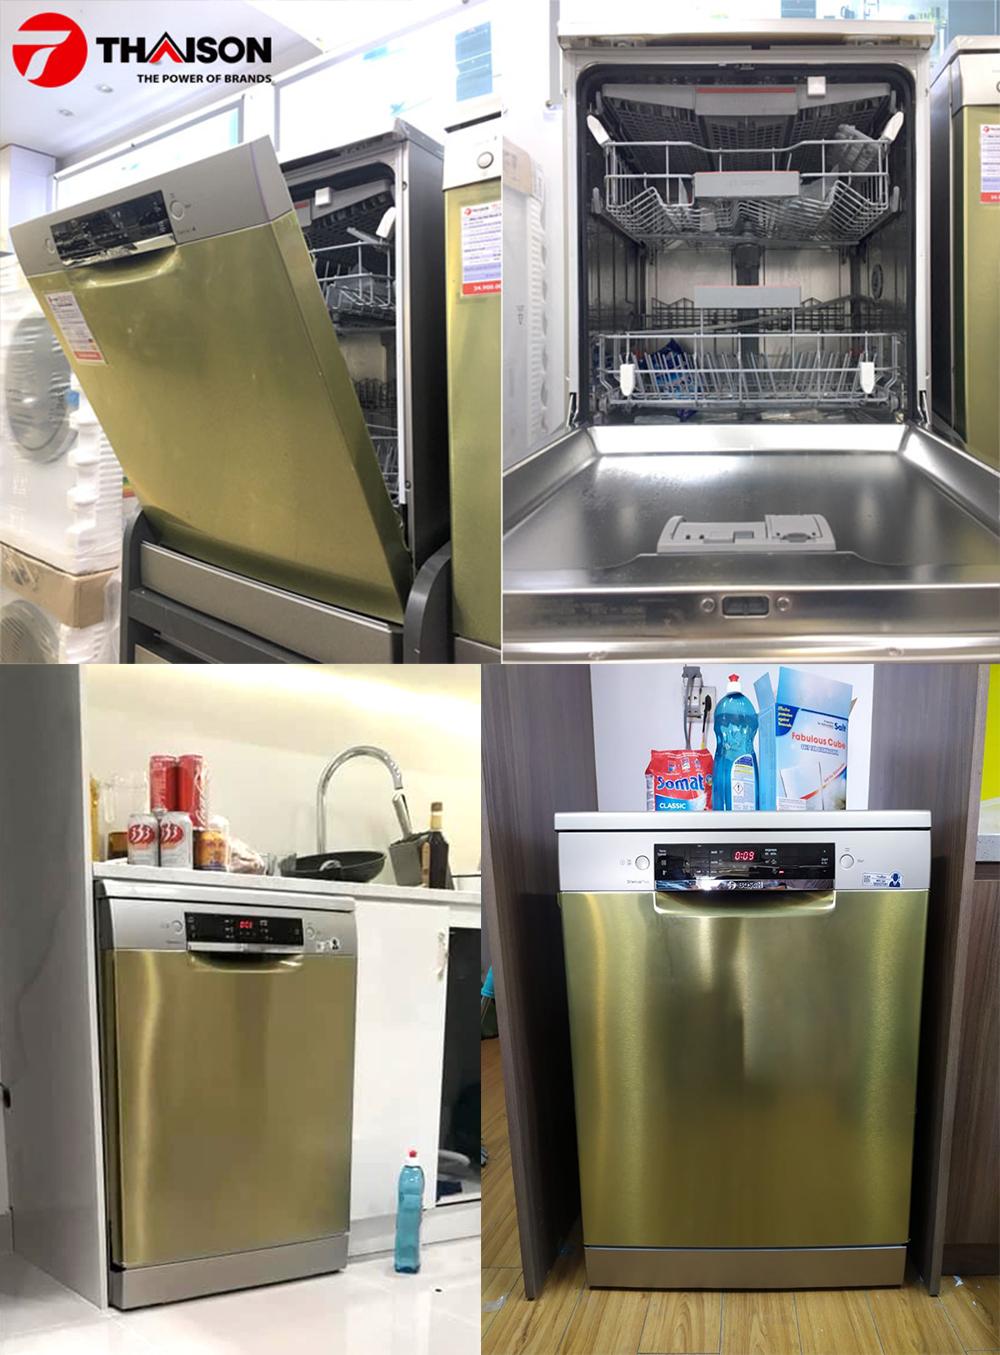 Máy rửa bát độc lập linh hoạt trong không gian bếp.